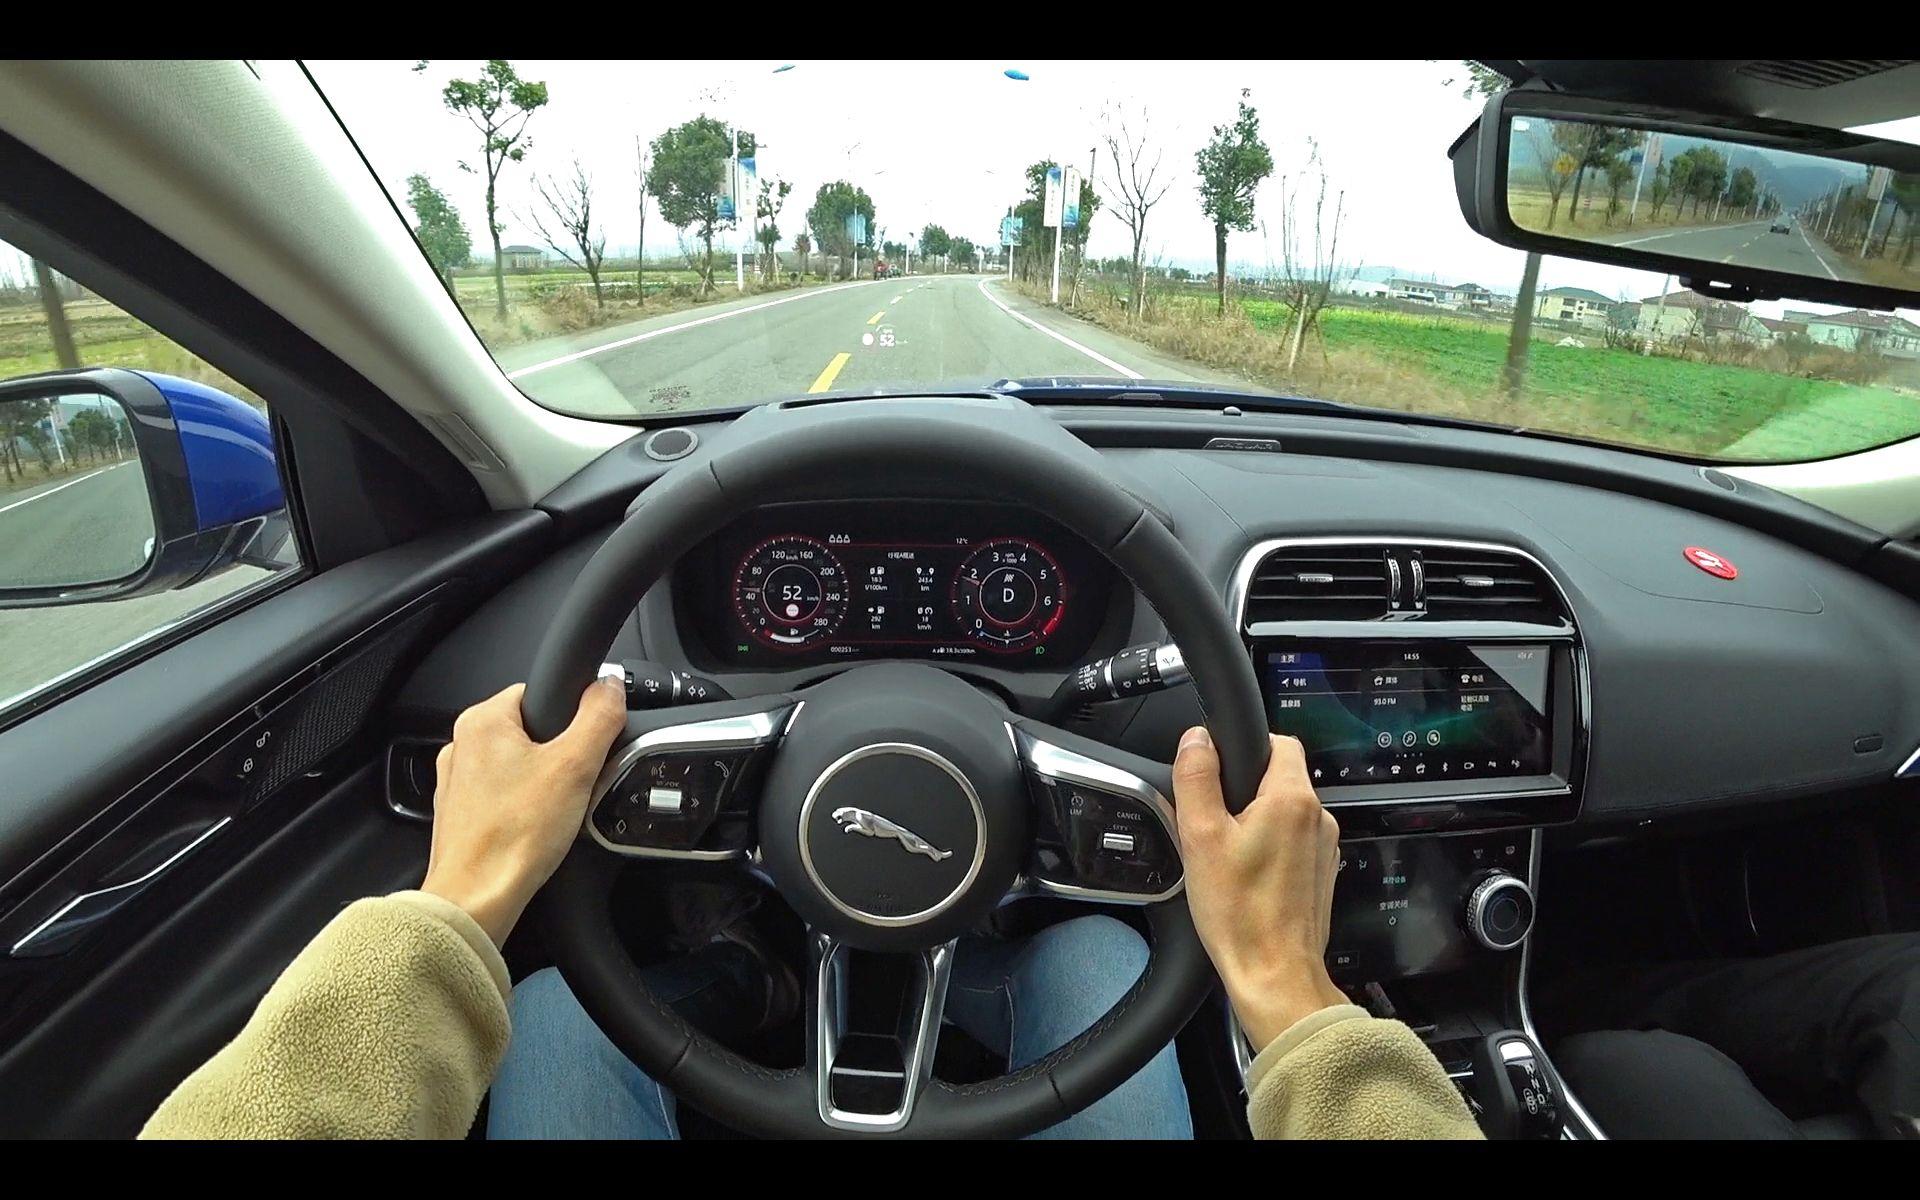 「第一视角」打七折的'小豹子'了解下? 试驾 中期改款 奇瑞-捷豹XEL 2.0T SE科技优雅版!